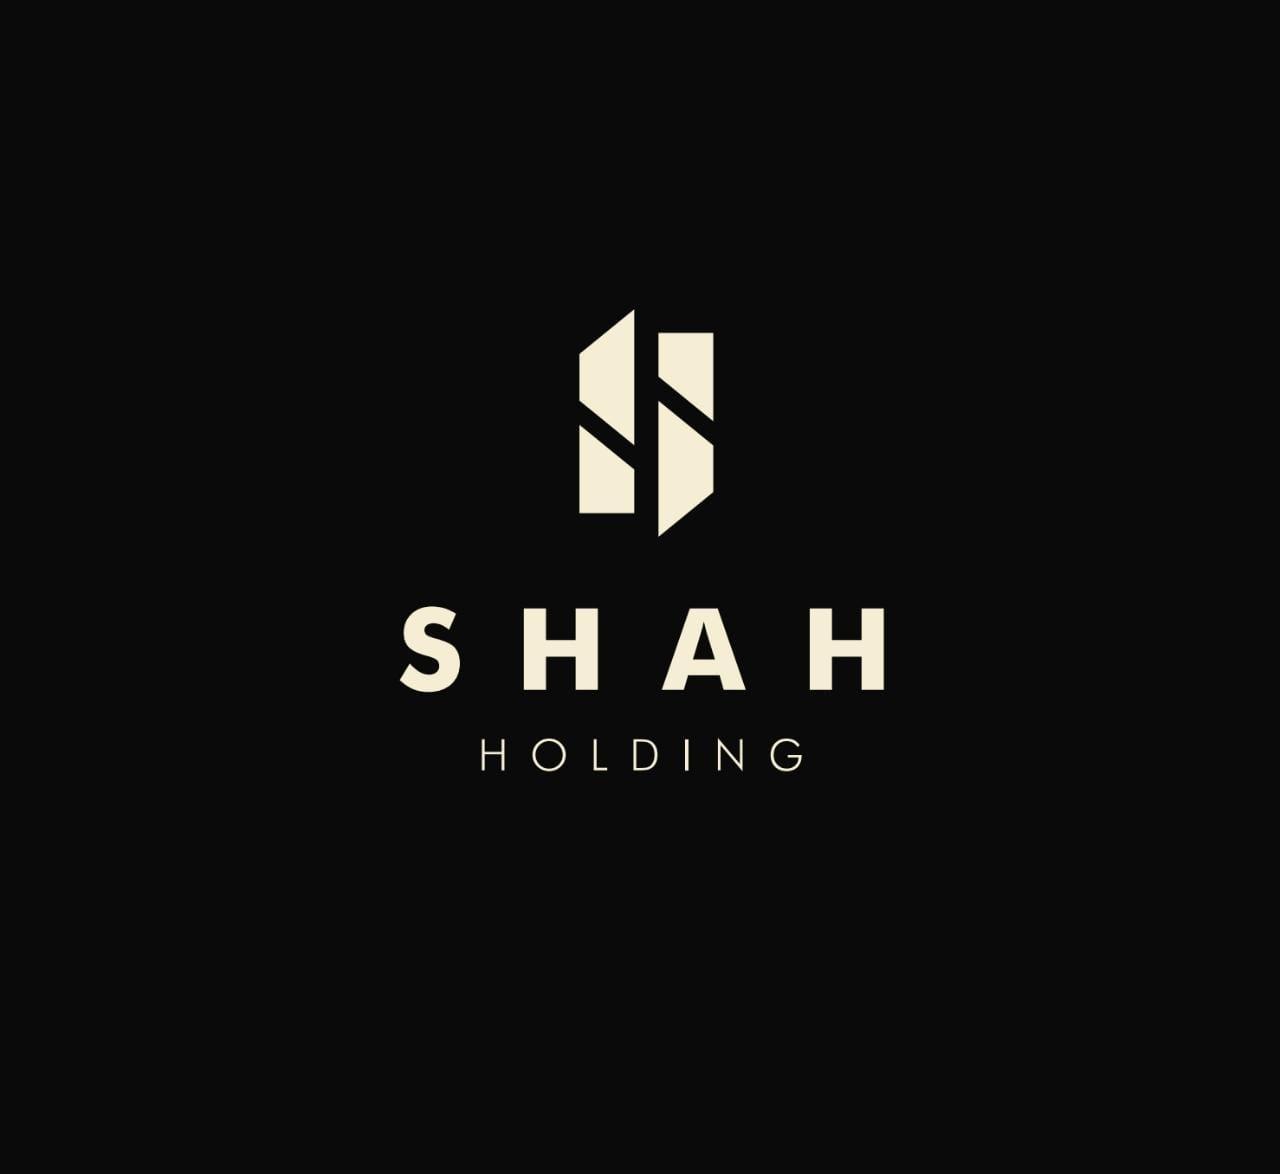 مجموعة شركات شاه شاكر تحتفل بمرور 20 عام على تأسيسها بدون شركاء